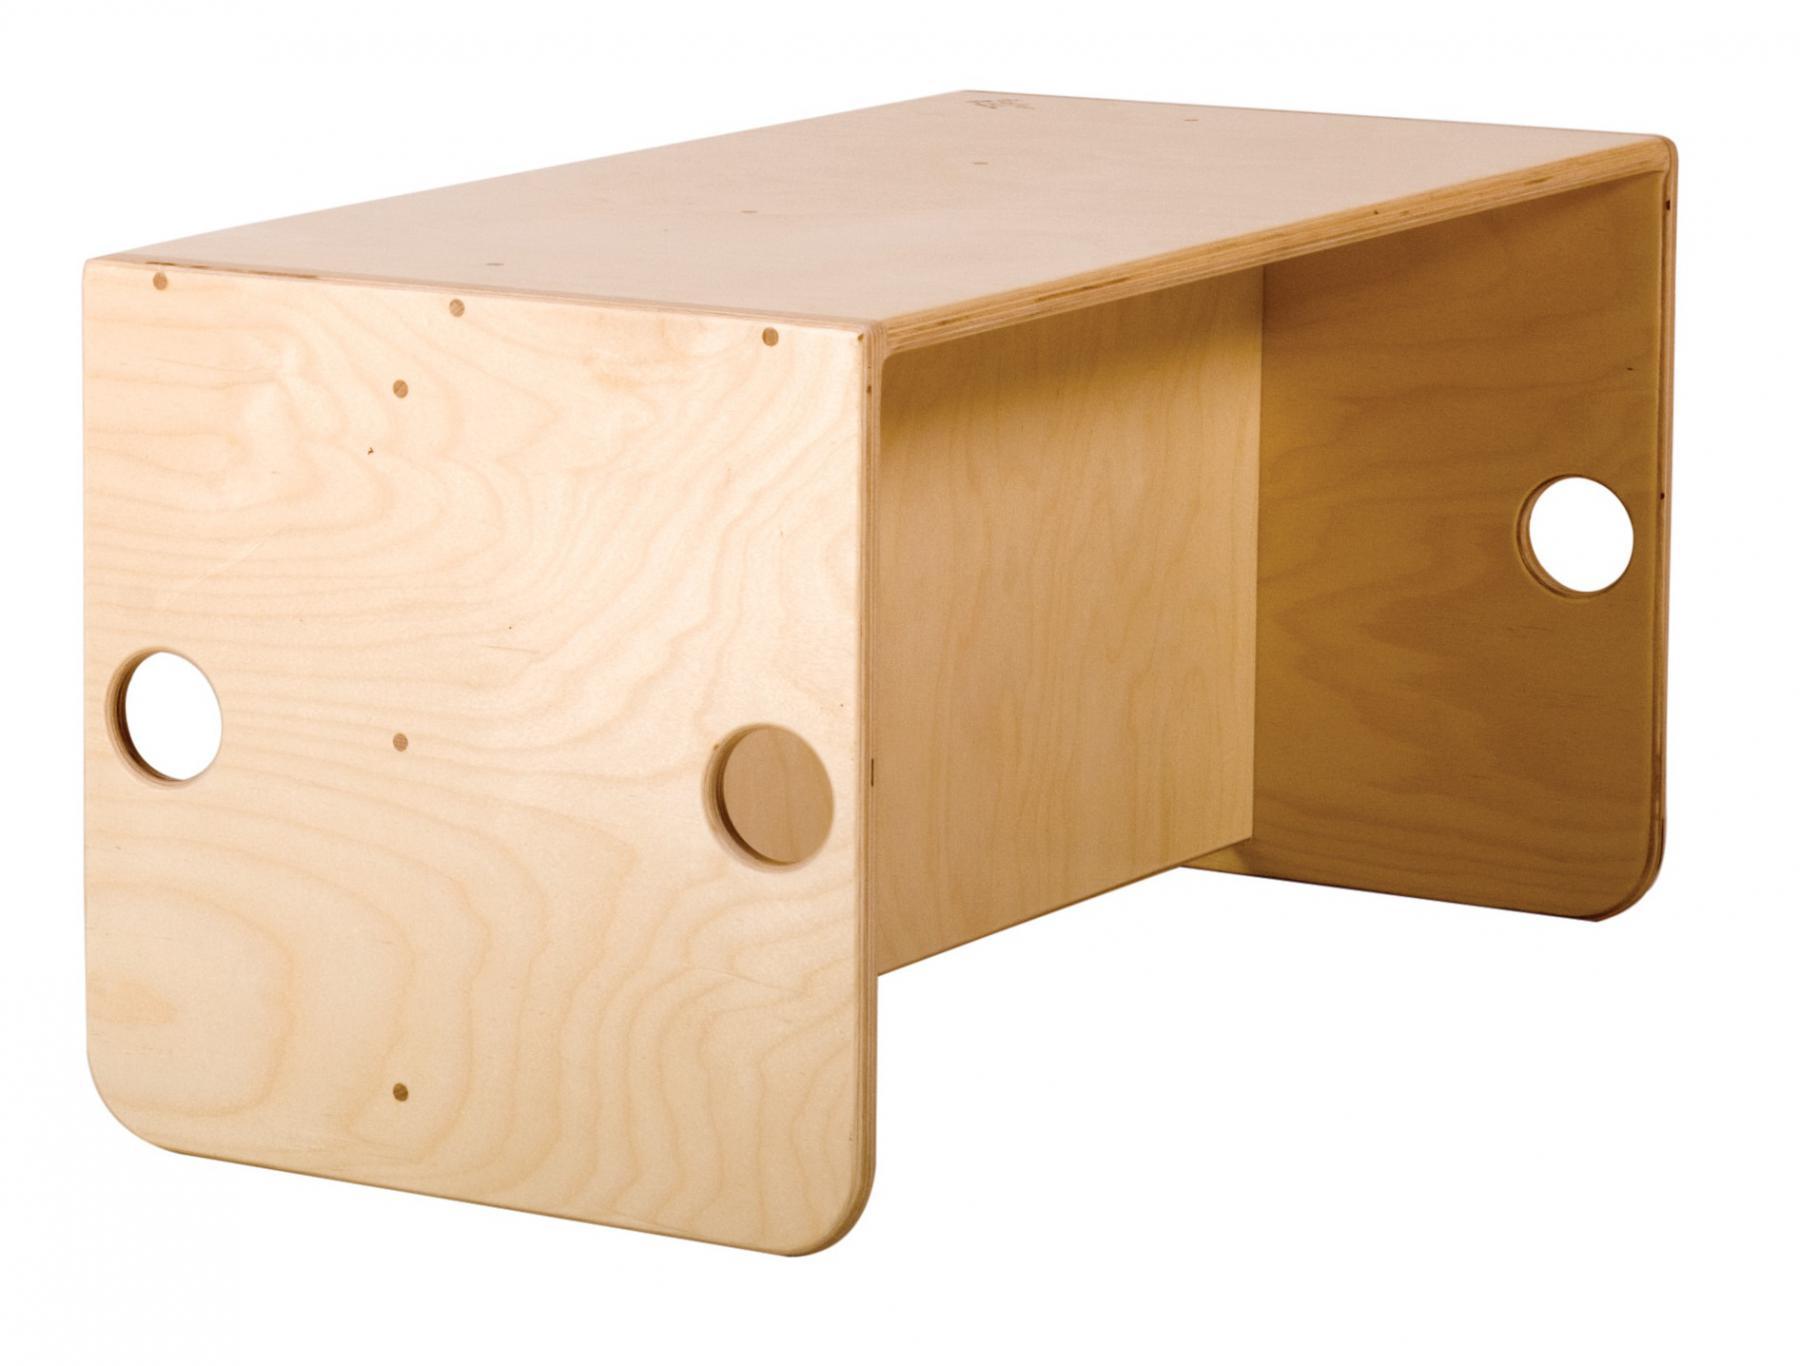 tv auf rechnung ohne klarna kauf auf rechnung ohne klarna. Black Bedroom Furniture Sets. Home Design Ideas